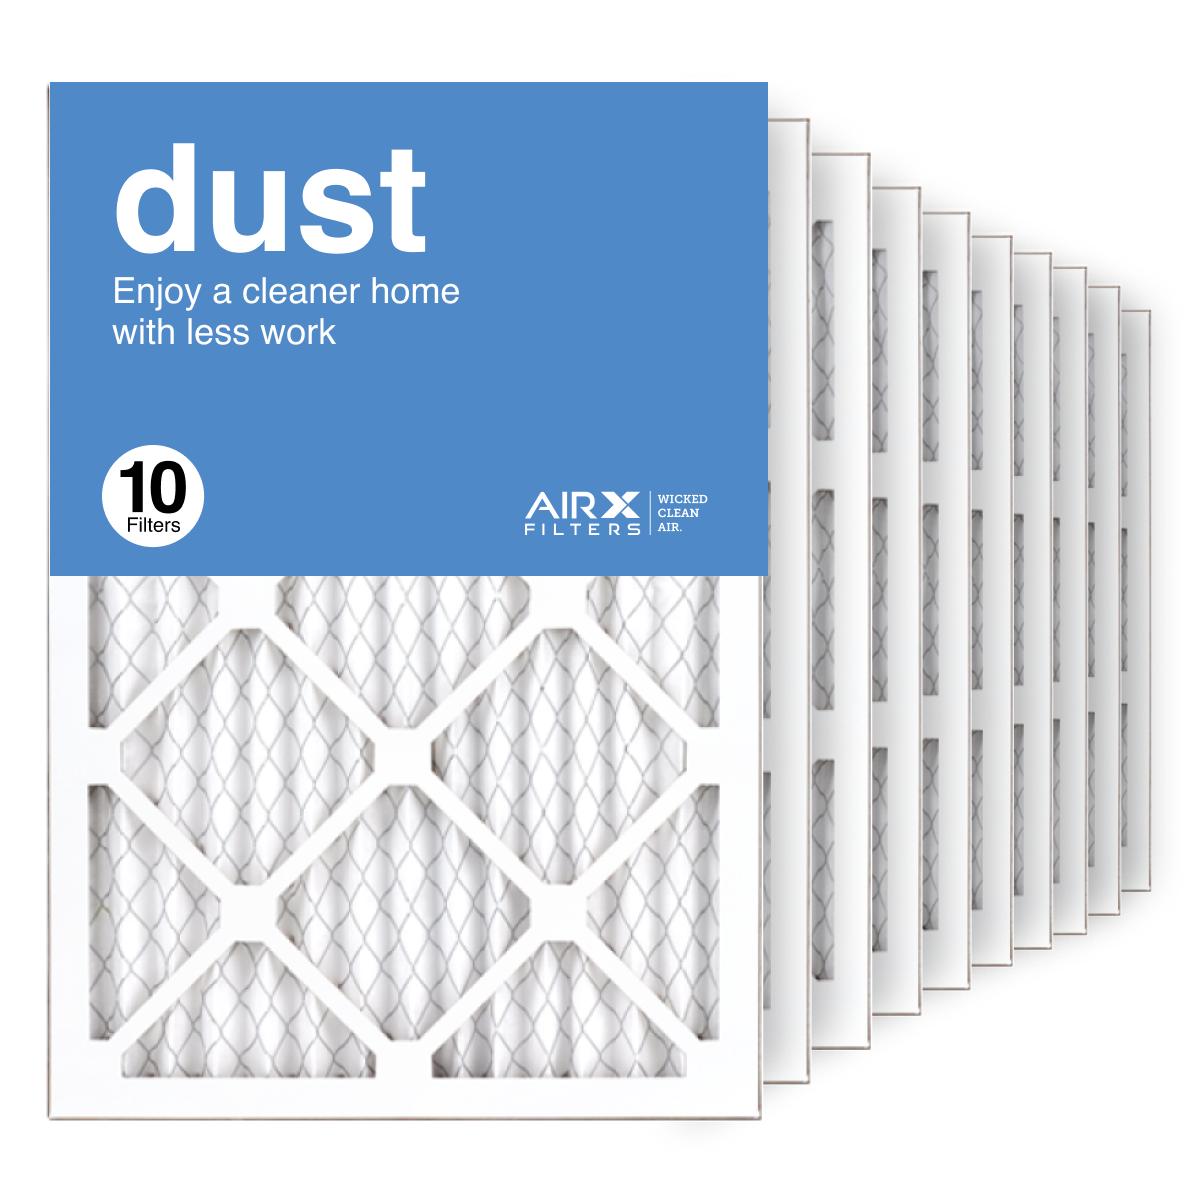 14x20x1 AIRx DUST Air Filter, 10-Pack